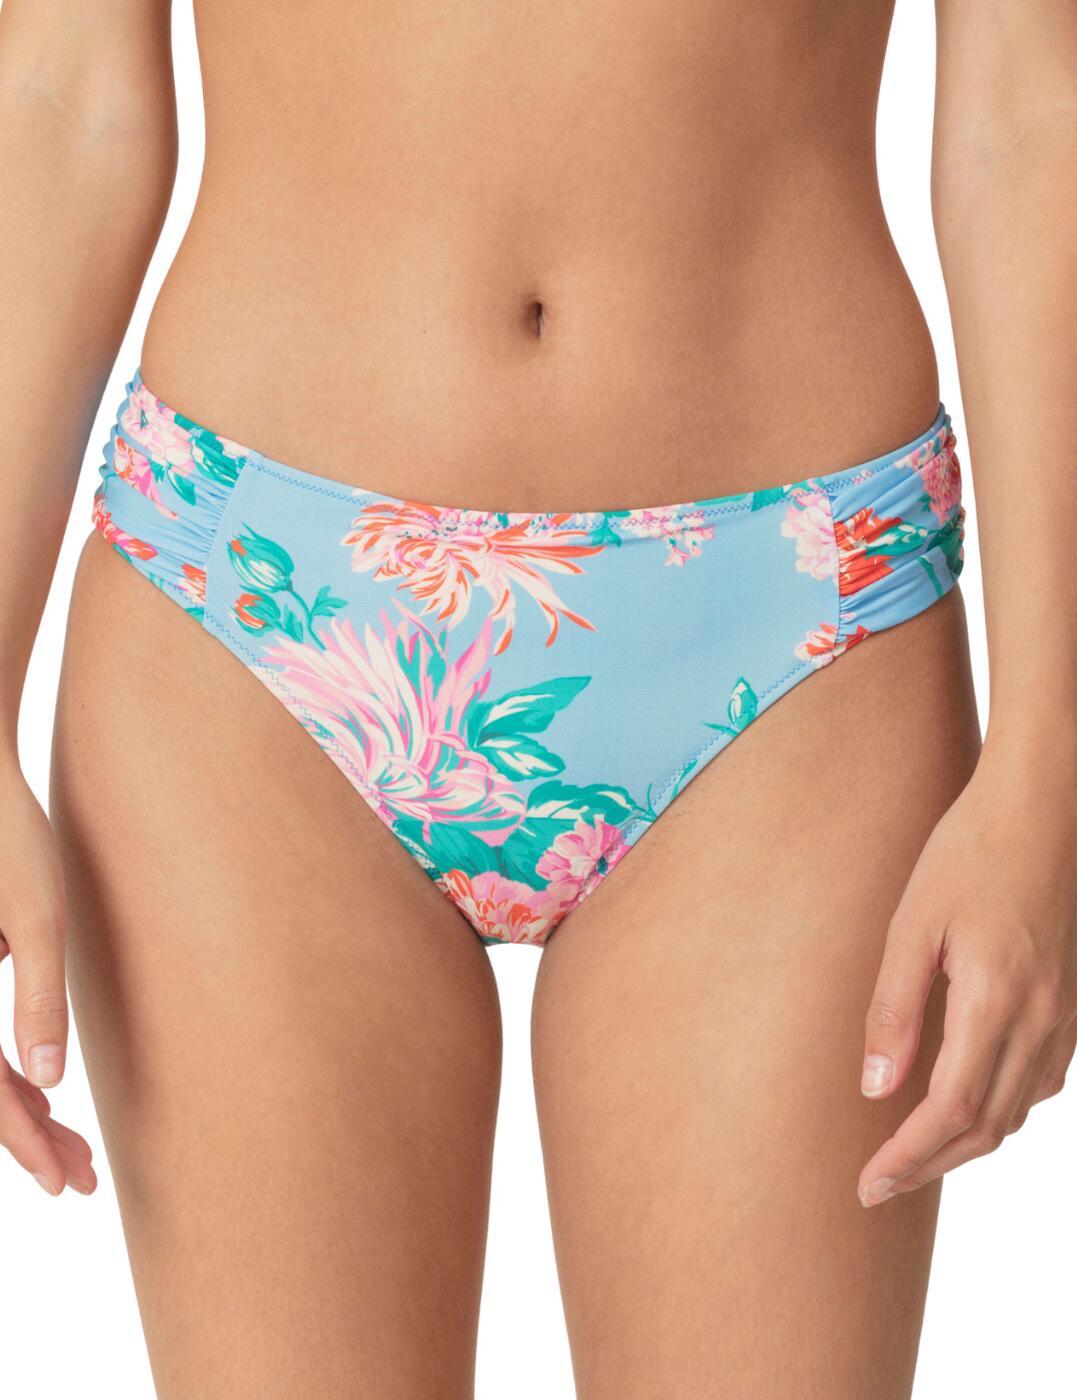 1001650 Marie Jo Laura Rio Bikini Brief - 1001650 Riviera